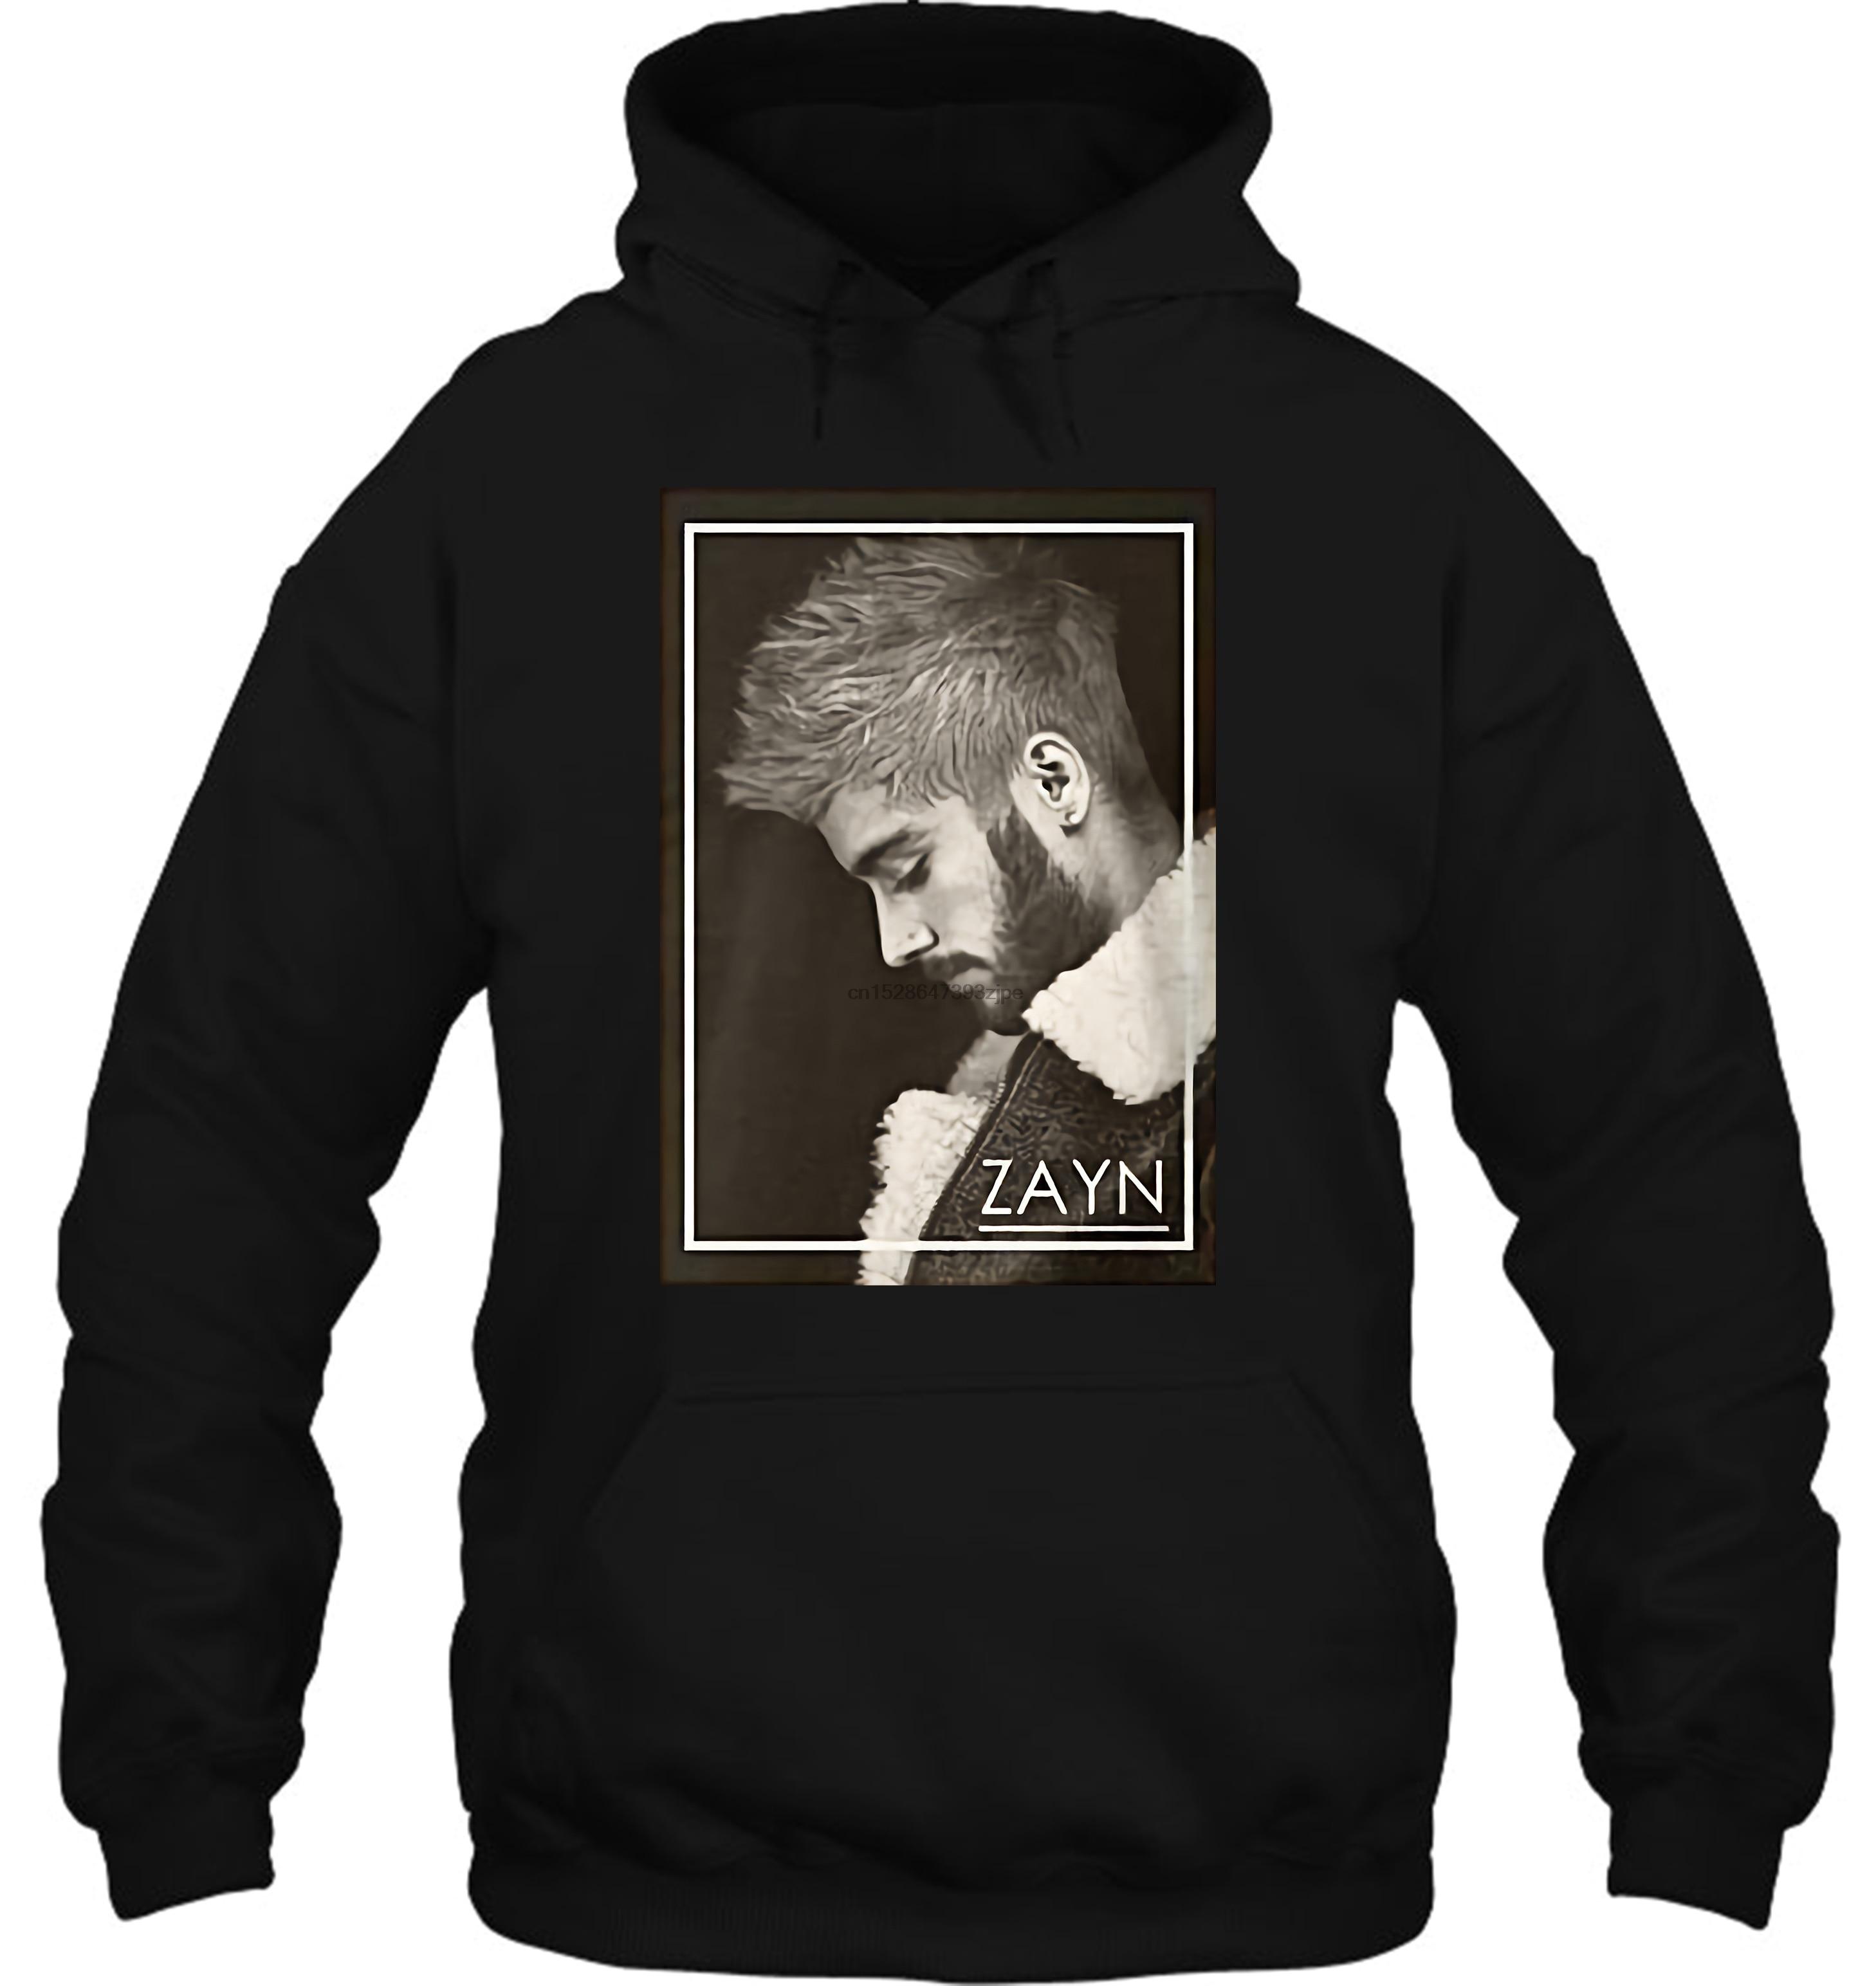 Hot Sale Fashion Crew Neck Novelty Zayn Malik Music Men Women Streetwear Hoodies Sweatshirts